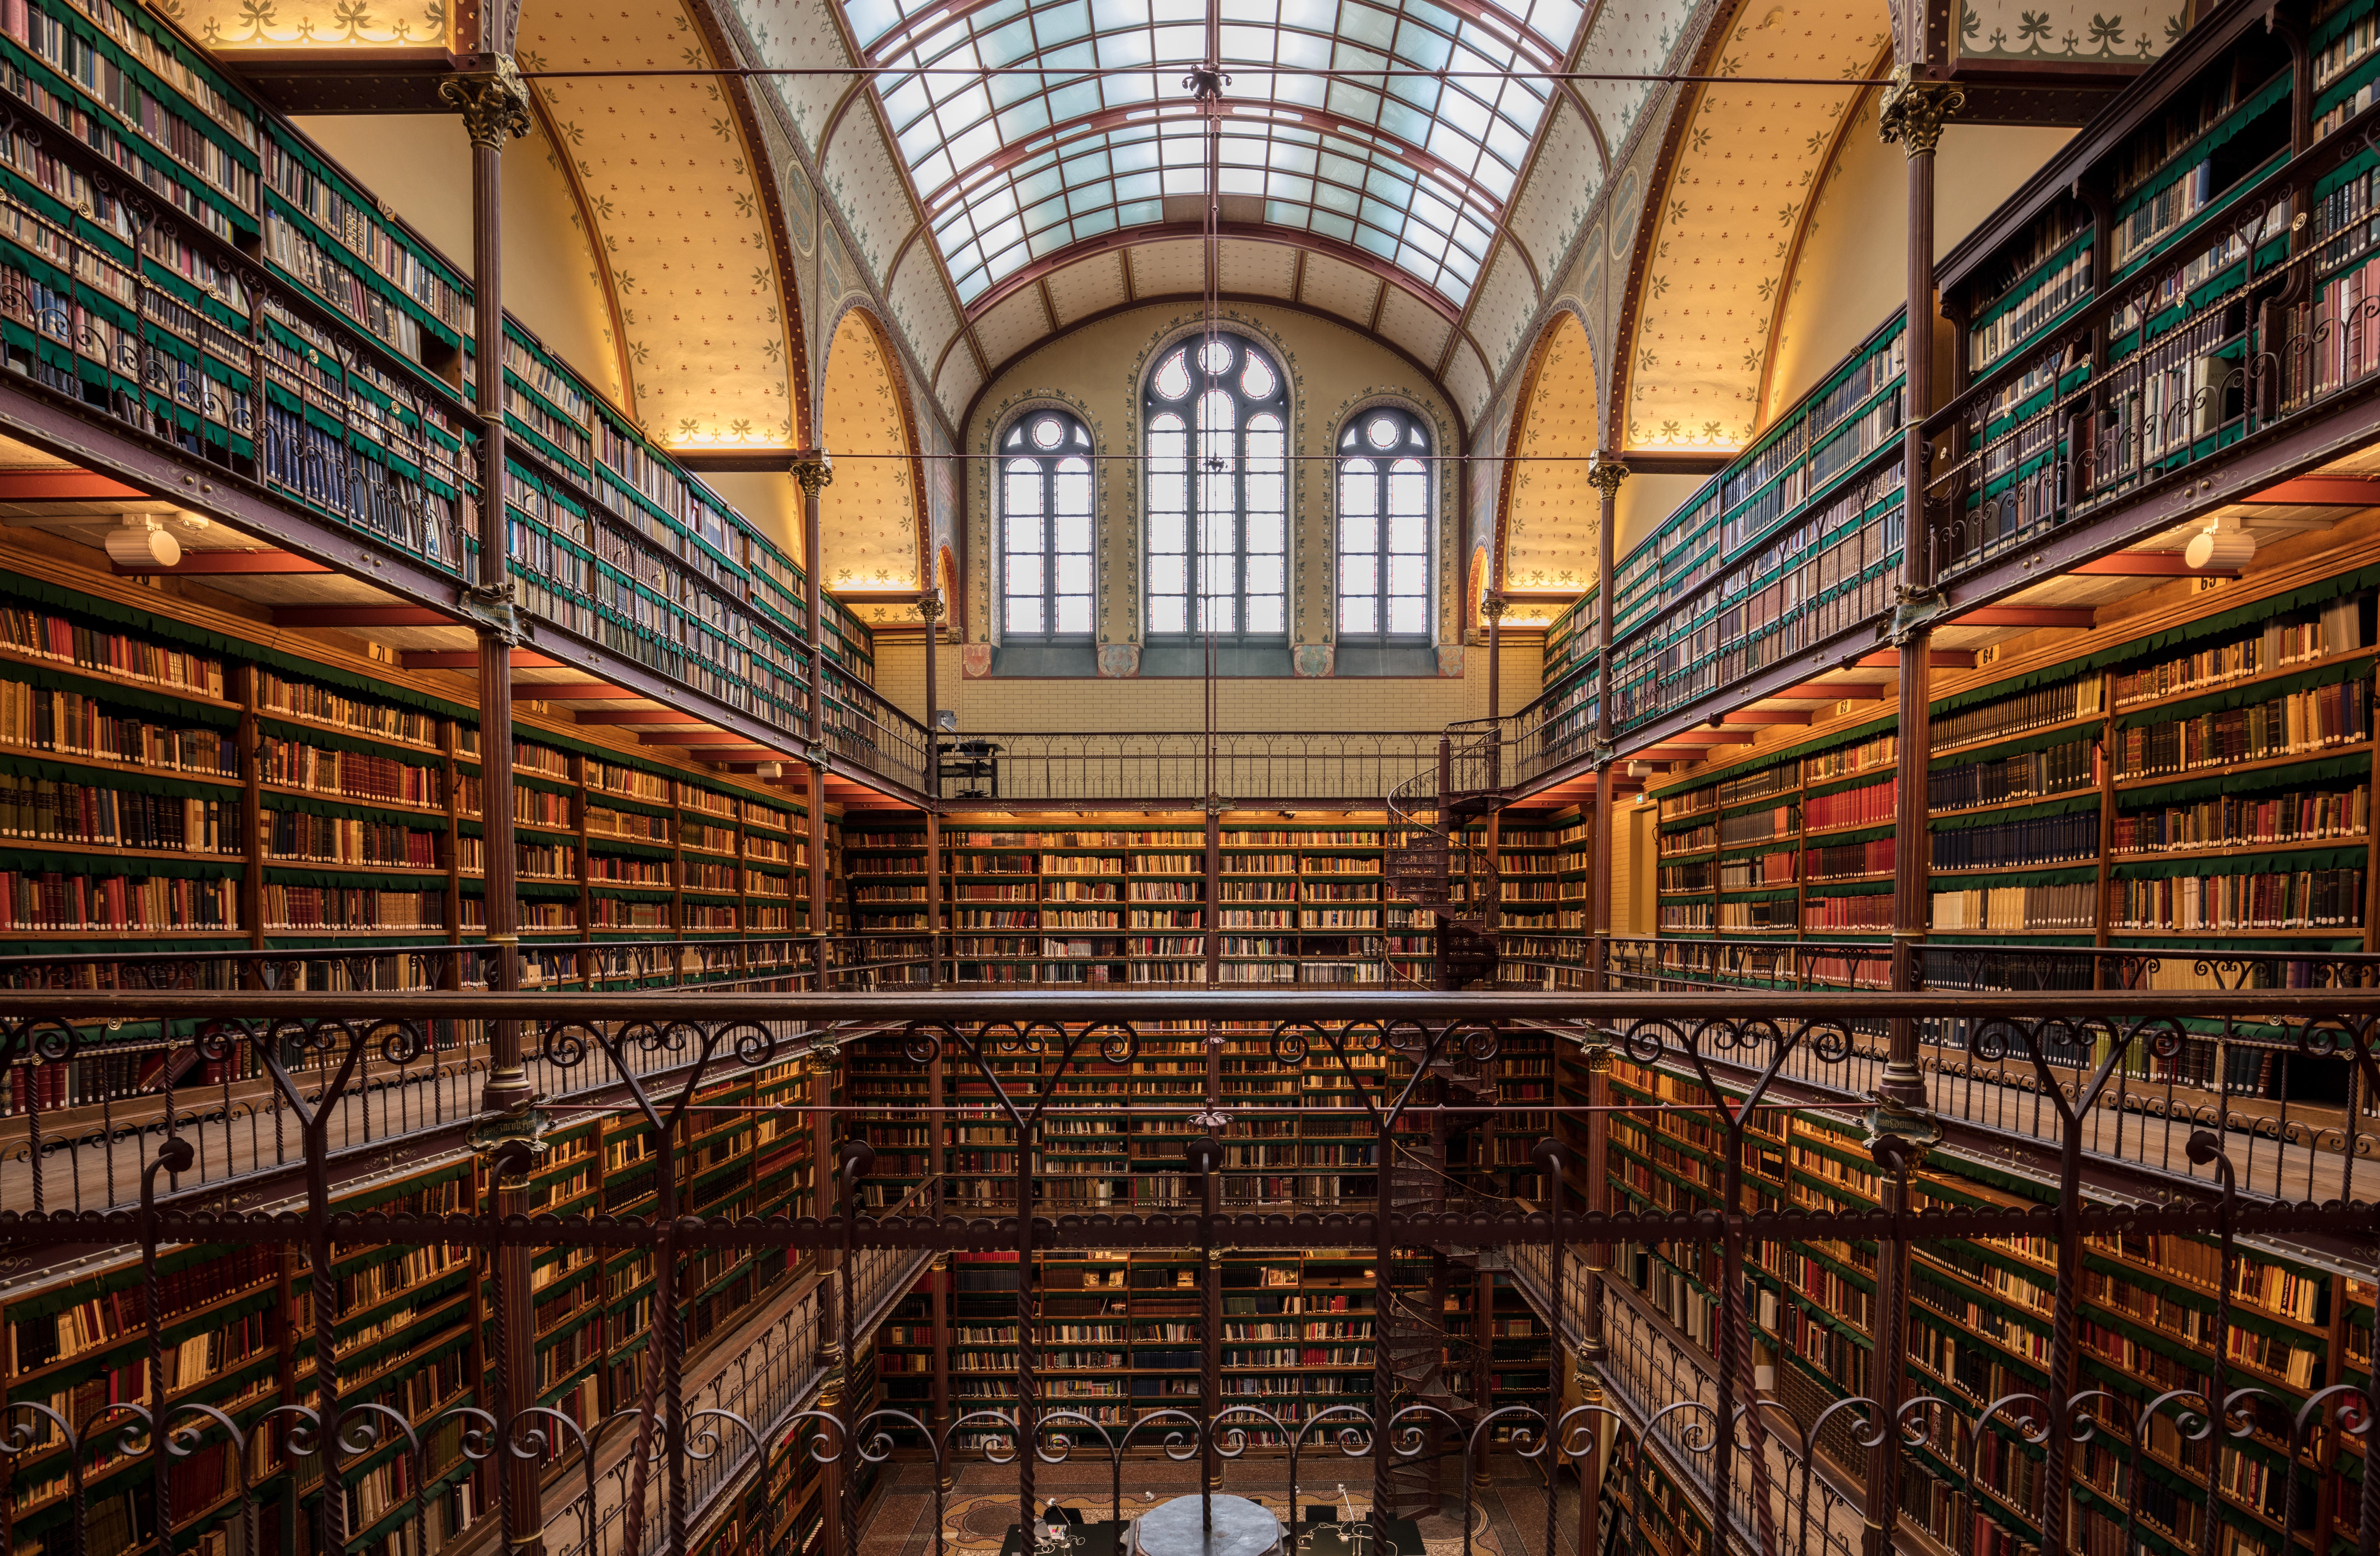 лондон самая большая библиотека в мире фото провалилось